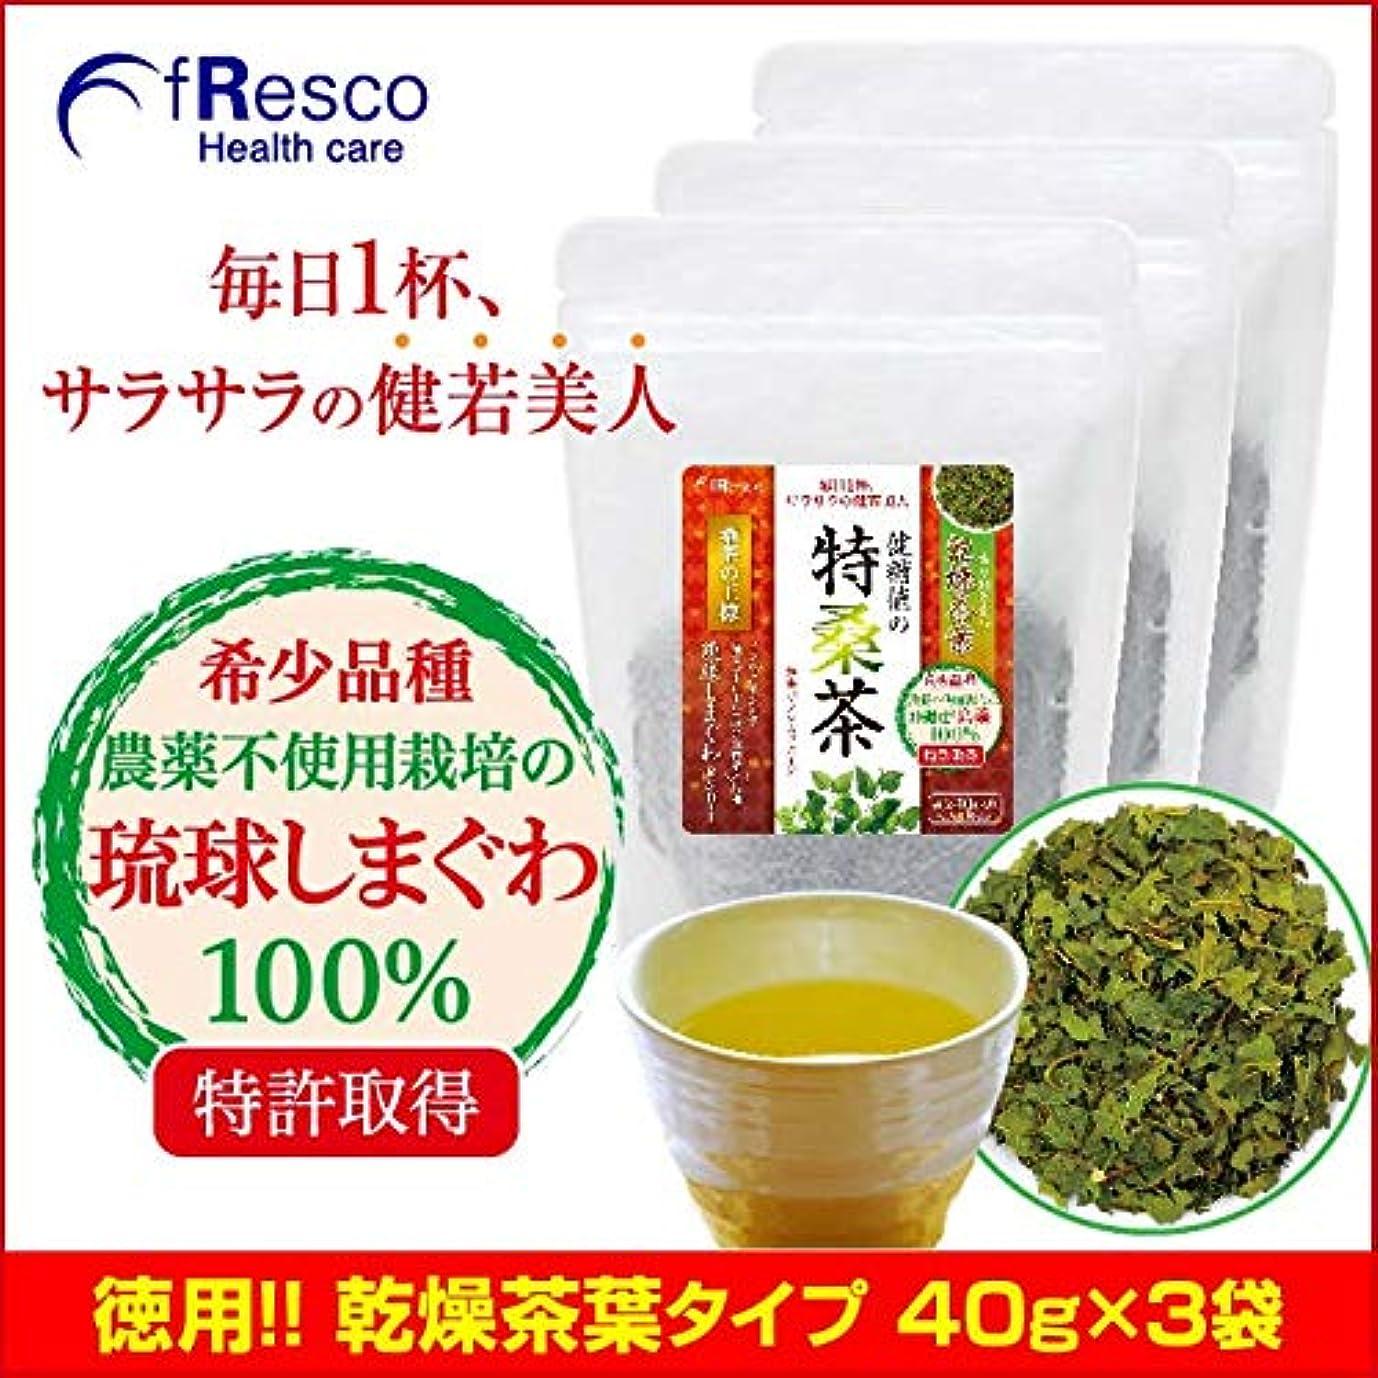 深くフォアタイプカメ桑茶の王様 琉球しまぐわ 健糖値の特桑茶 乾燥茶葉40g 90日分(3個セット)